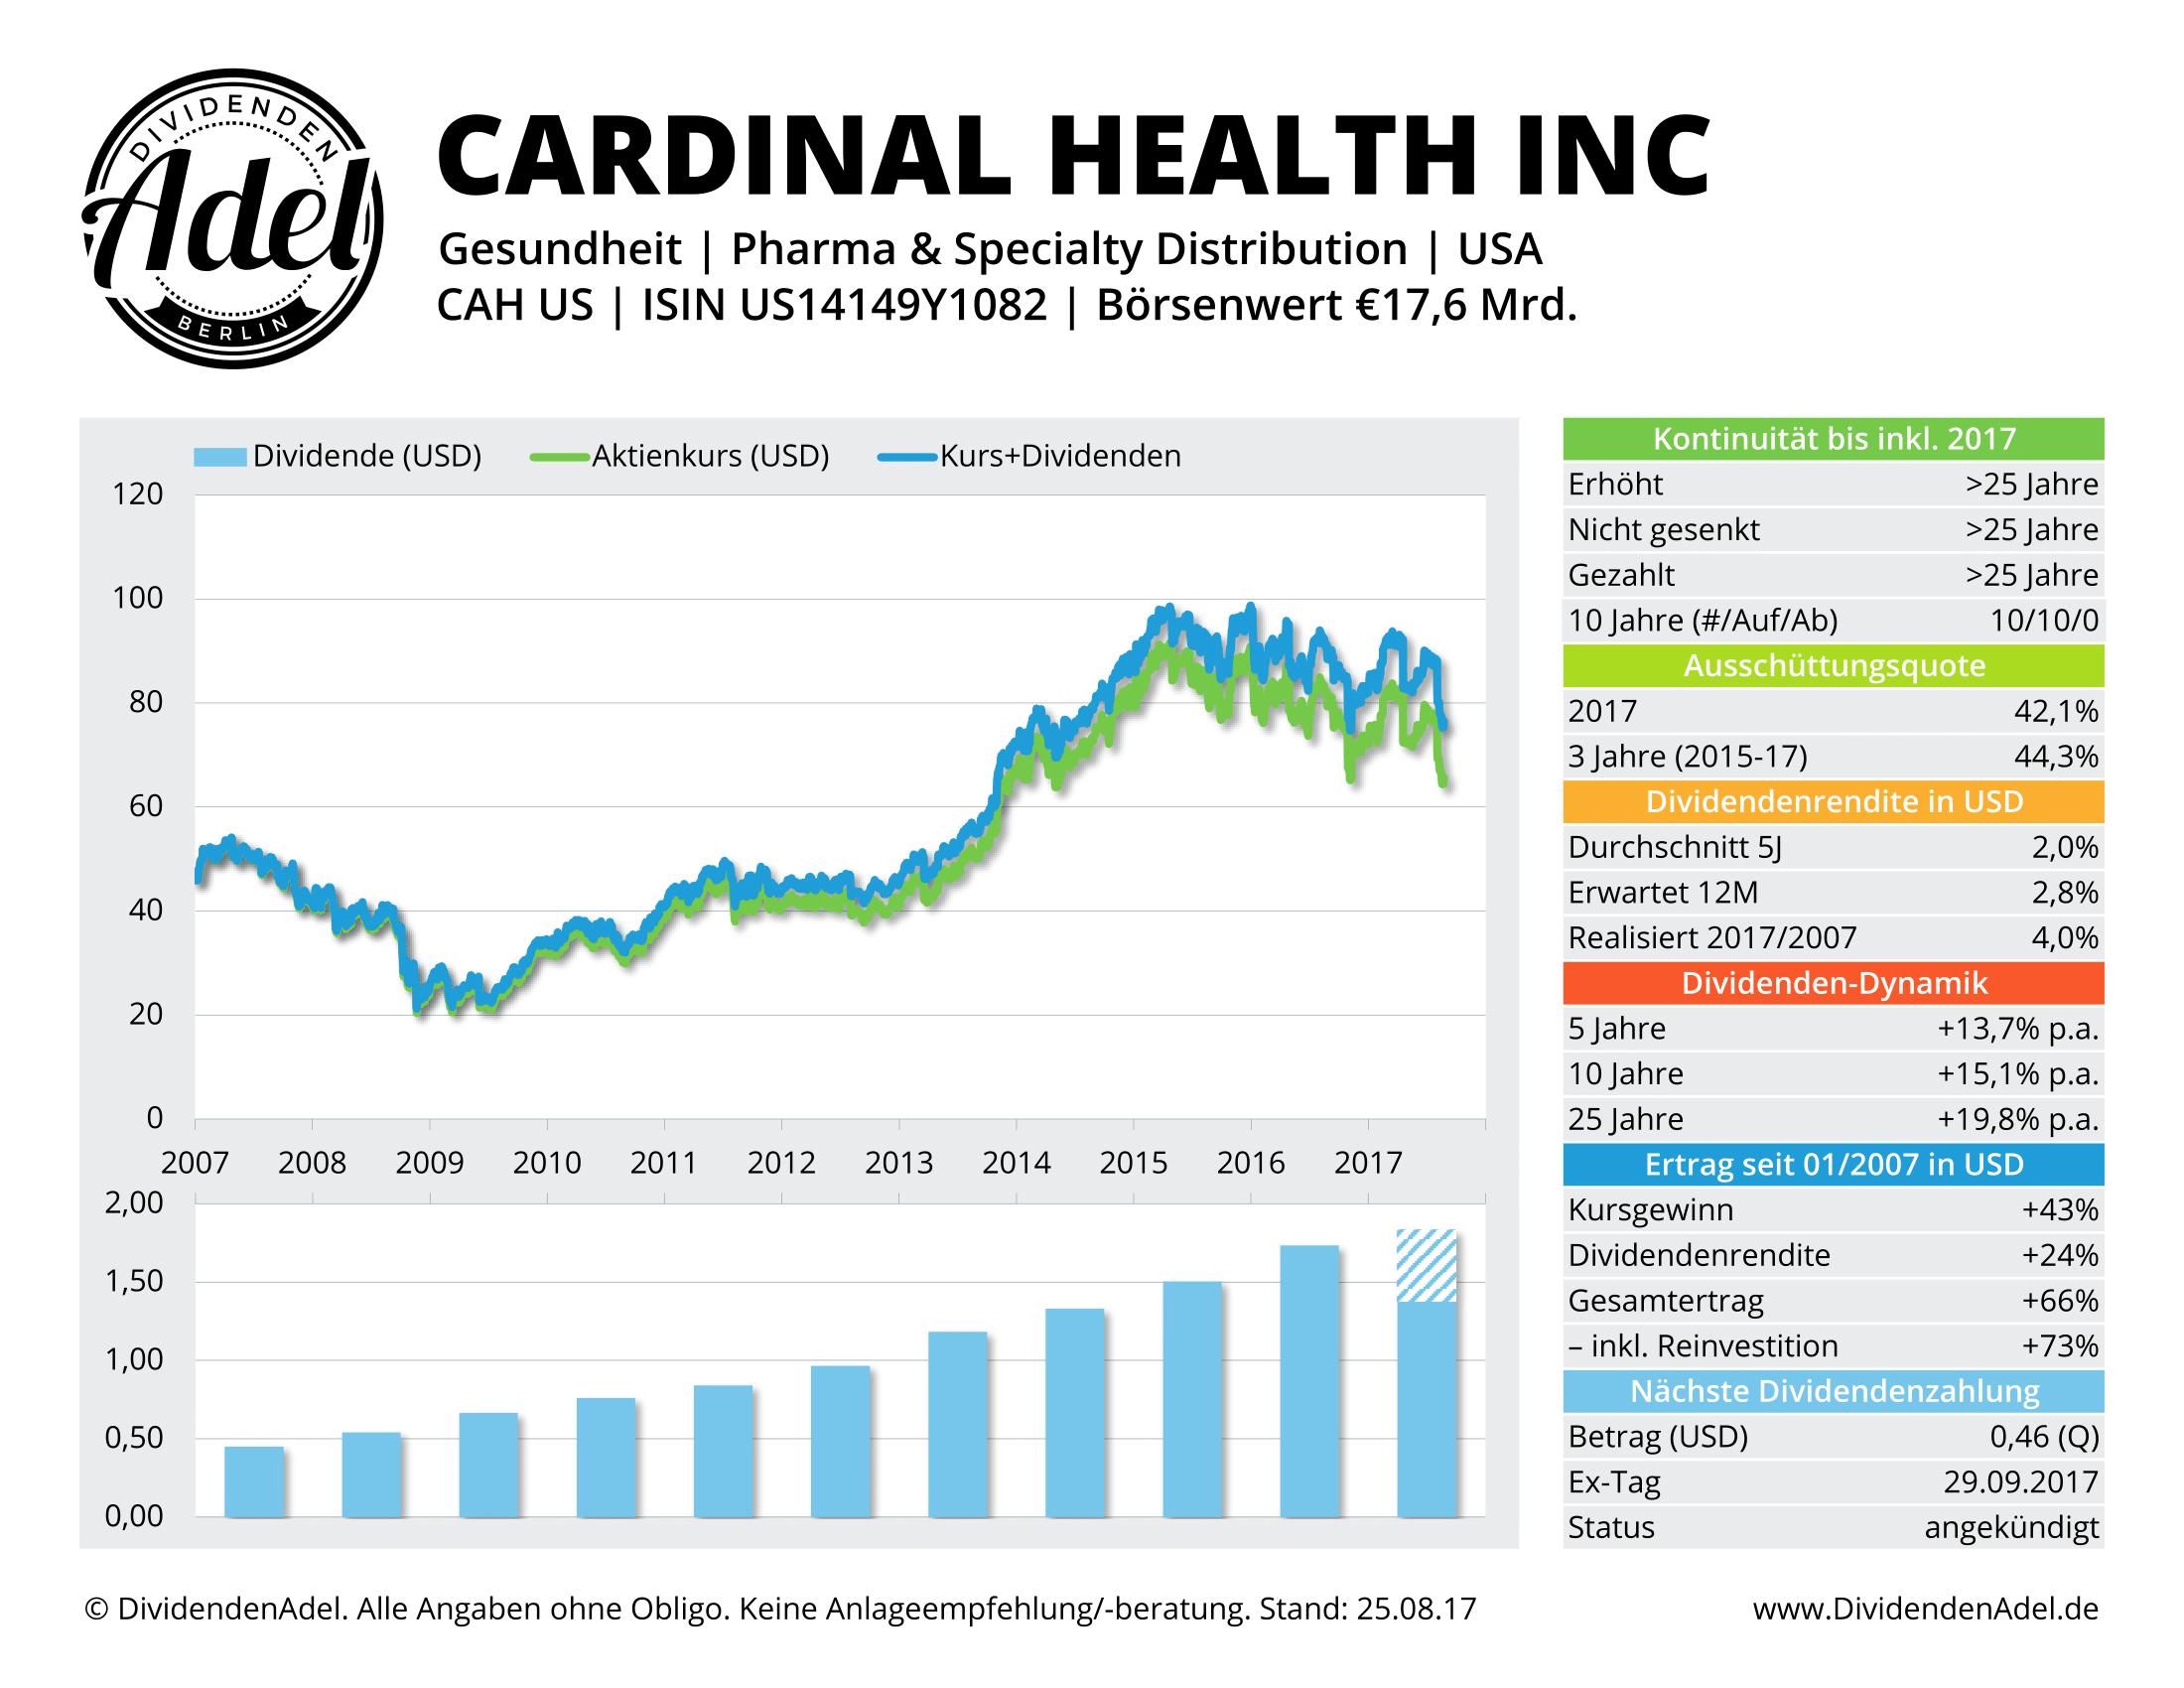 CARDINAL HEALTH DividendenAdel-Profil